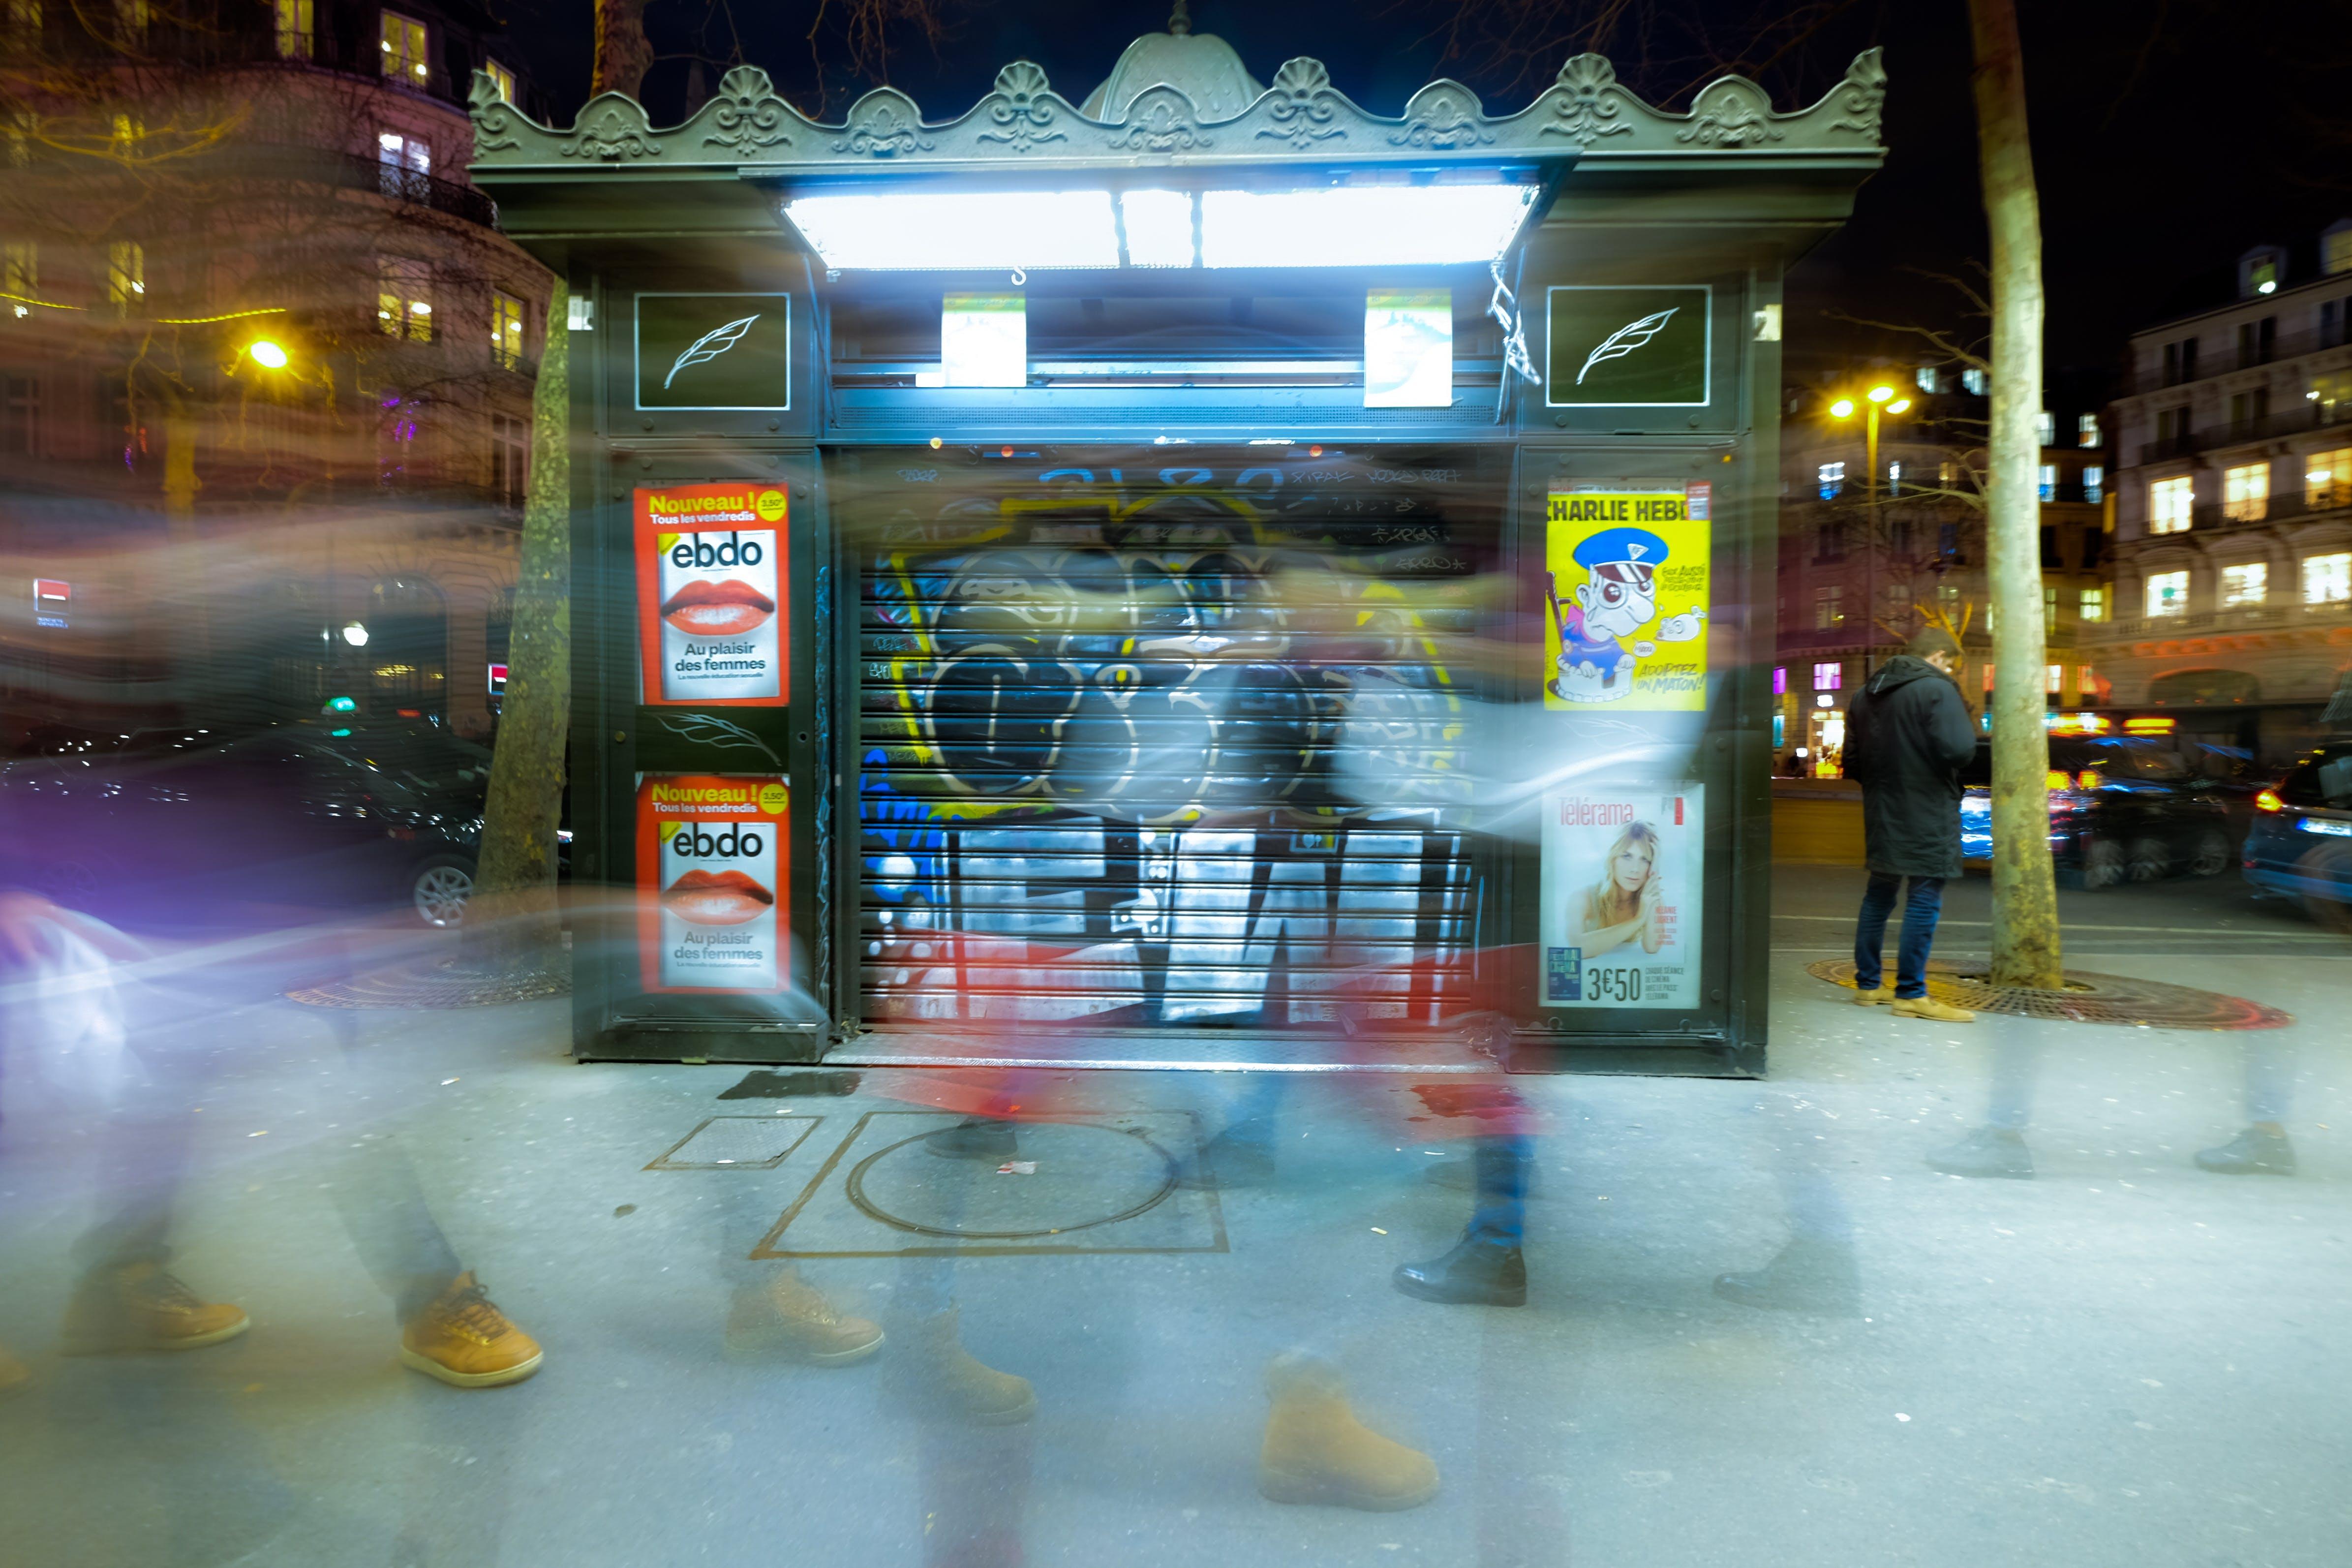 Δωρεάν στοκ φωτογραφιών με Άνθρωποι, αστική ζωή, γωνιά του δρόμου, δρόμος